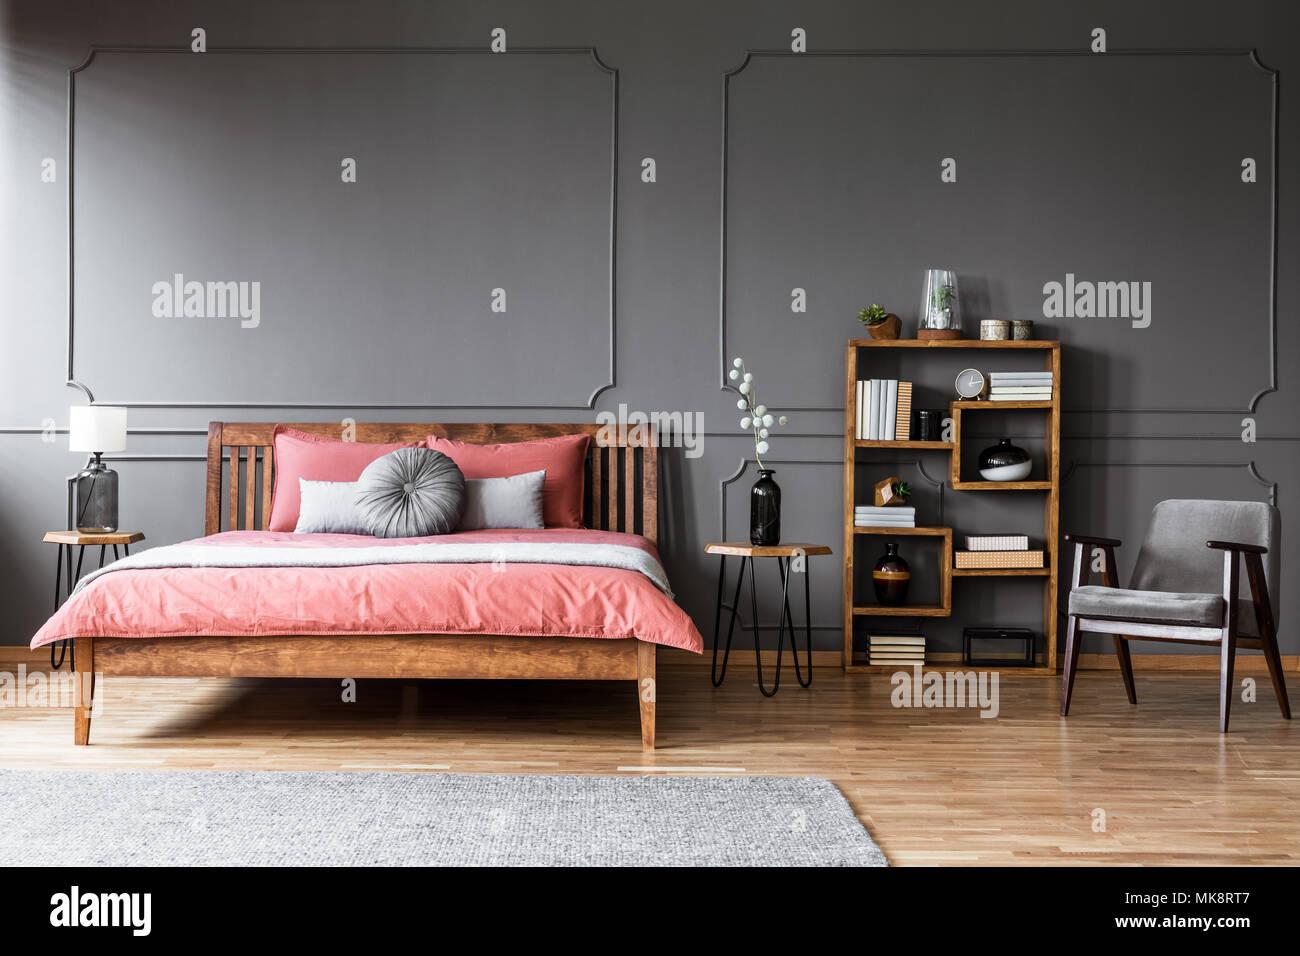 Bett Aus Holz Mit Rosa Bettwäsche Gegen Graue Wand Mit Spritzguss In  Pastelltönen Schlafzimmer Innenraum Mit Sessel